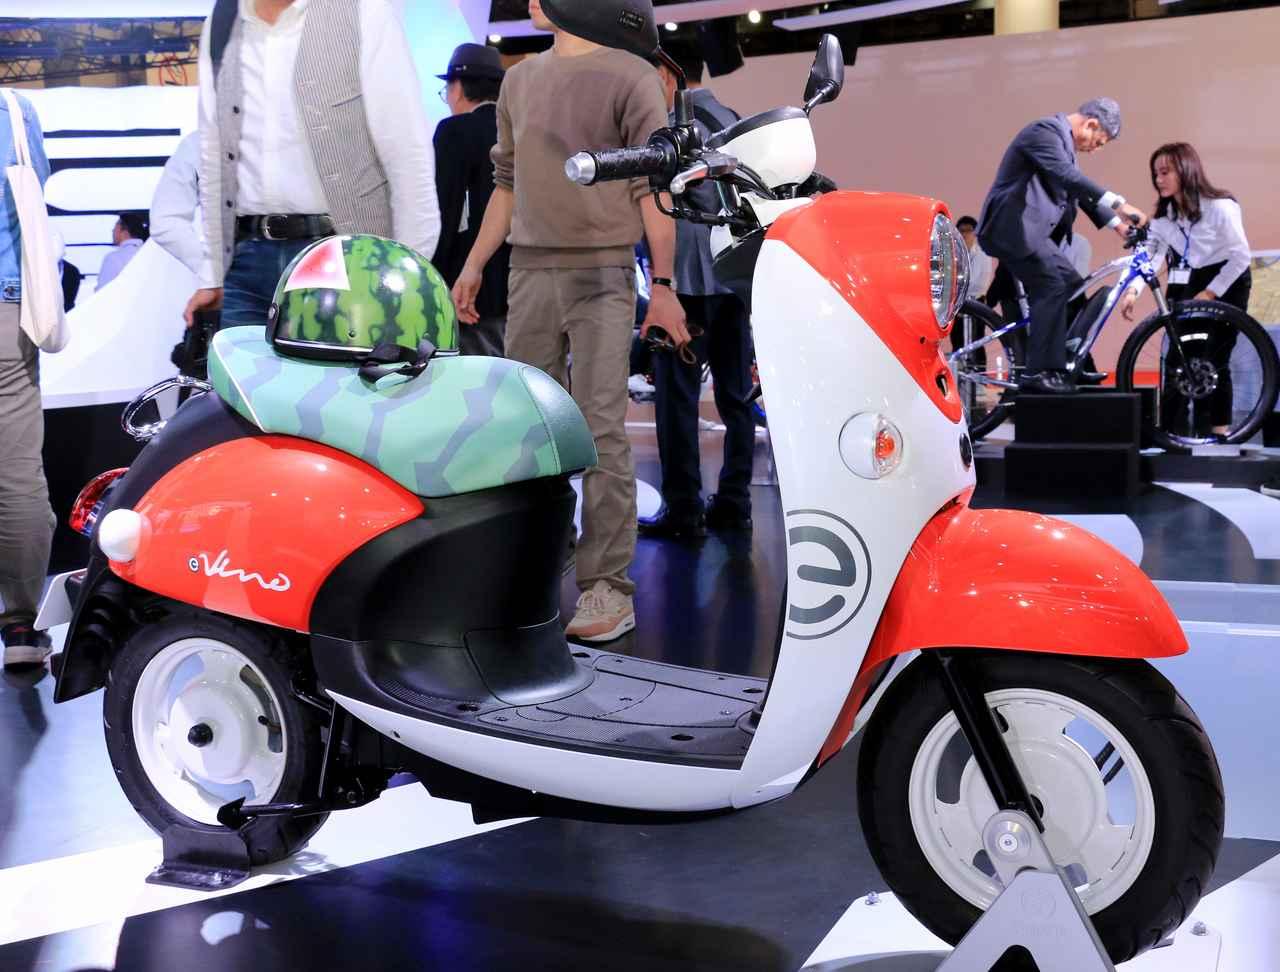 Images : 3番目の画像 - E-Vino(スイカ・カスタム)をもっと見る! - webオートバイ